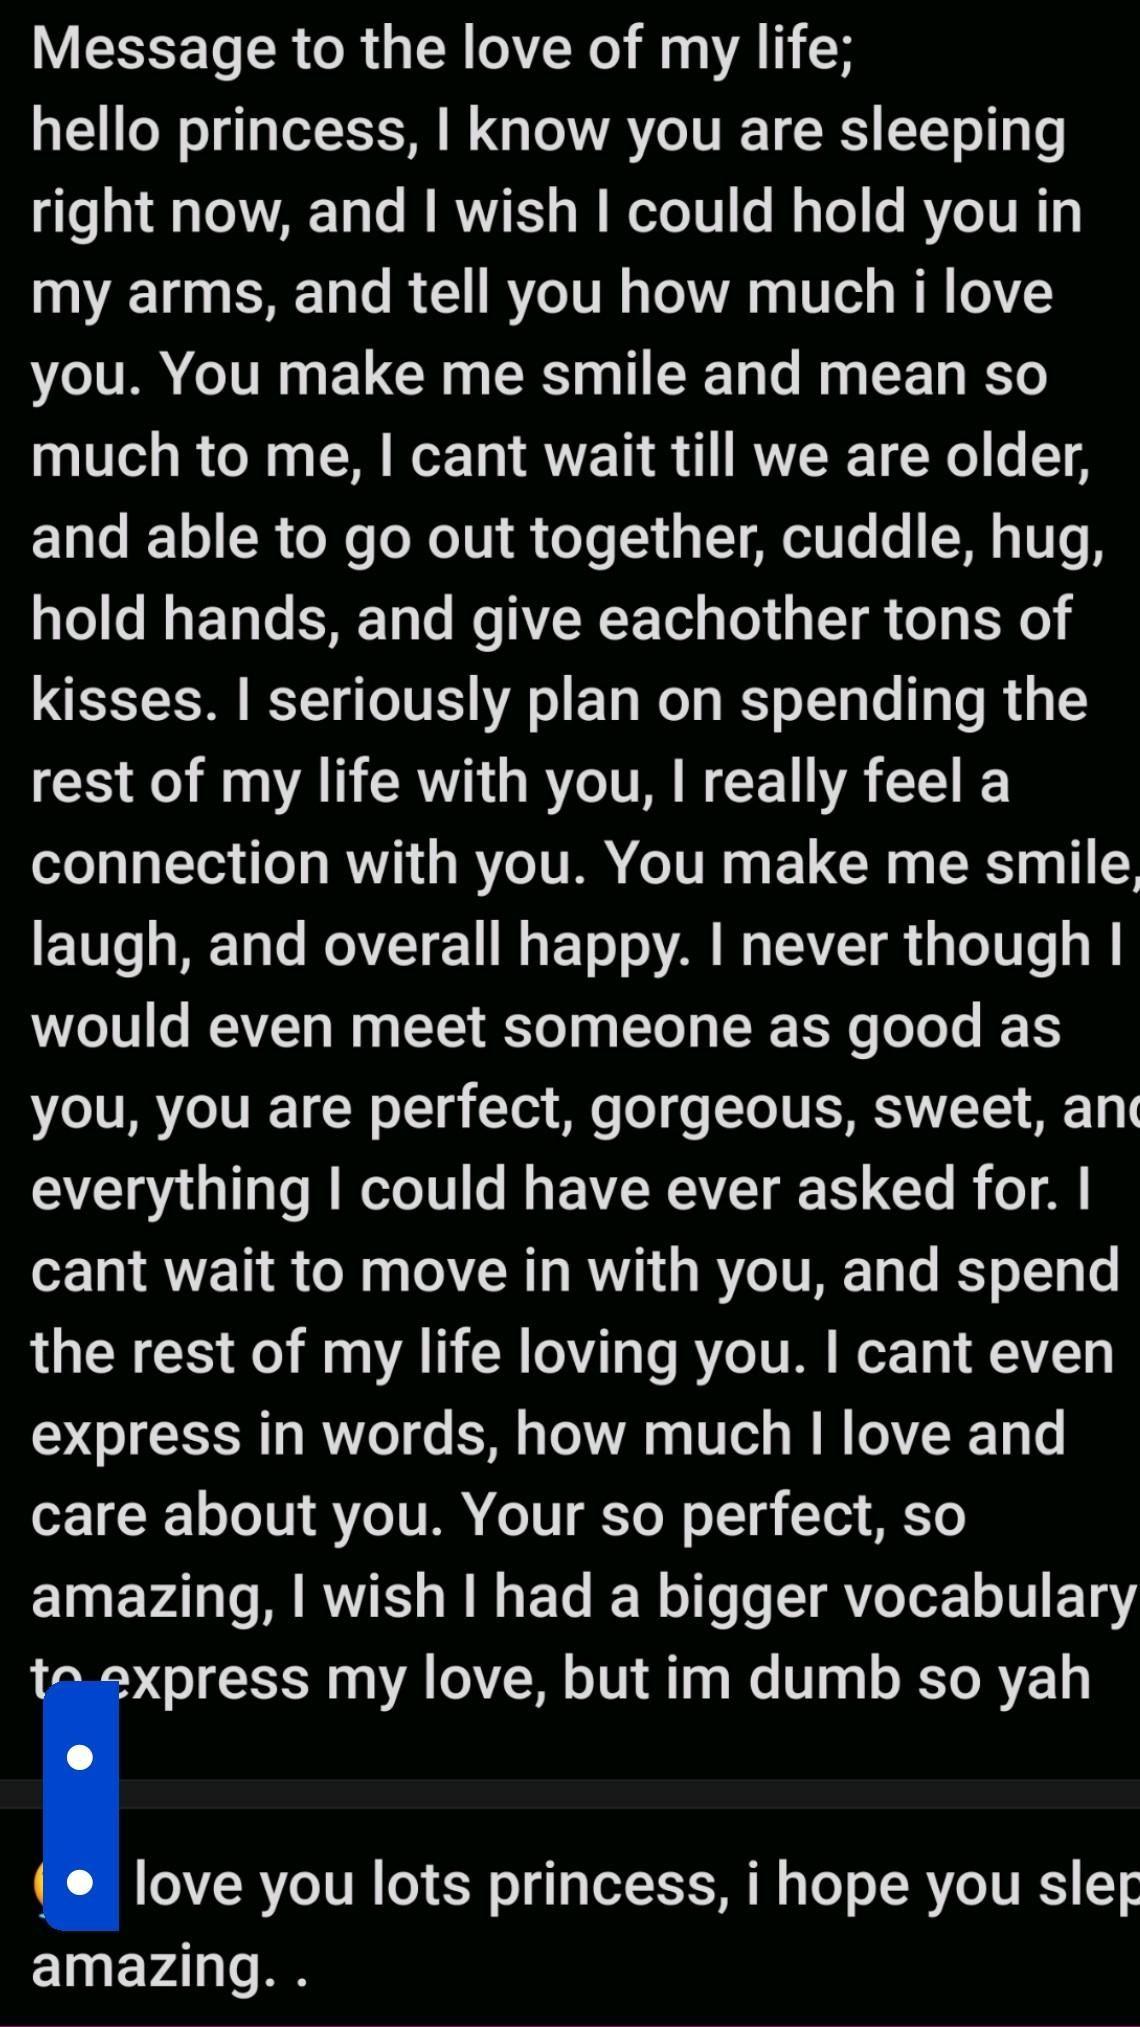 hi! i love you cayli :) hope u like the long paragraph bug^^